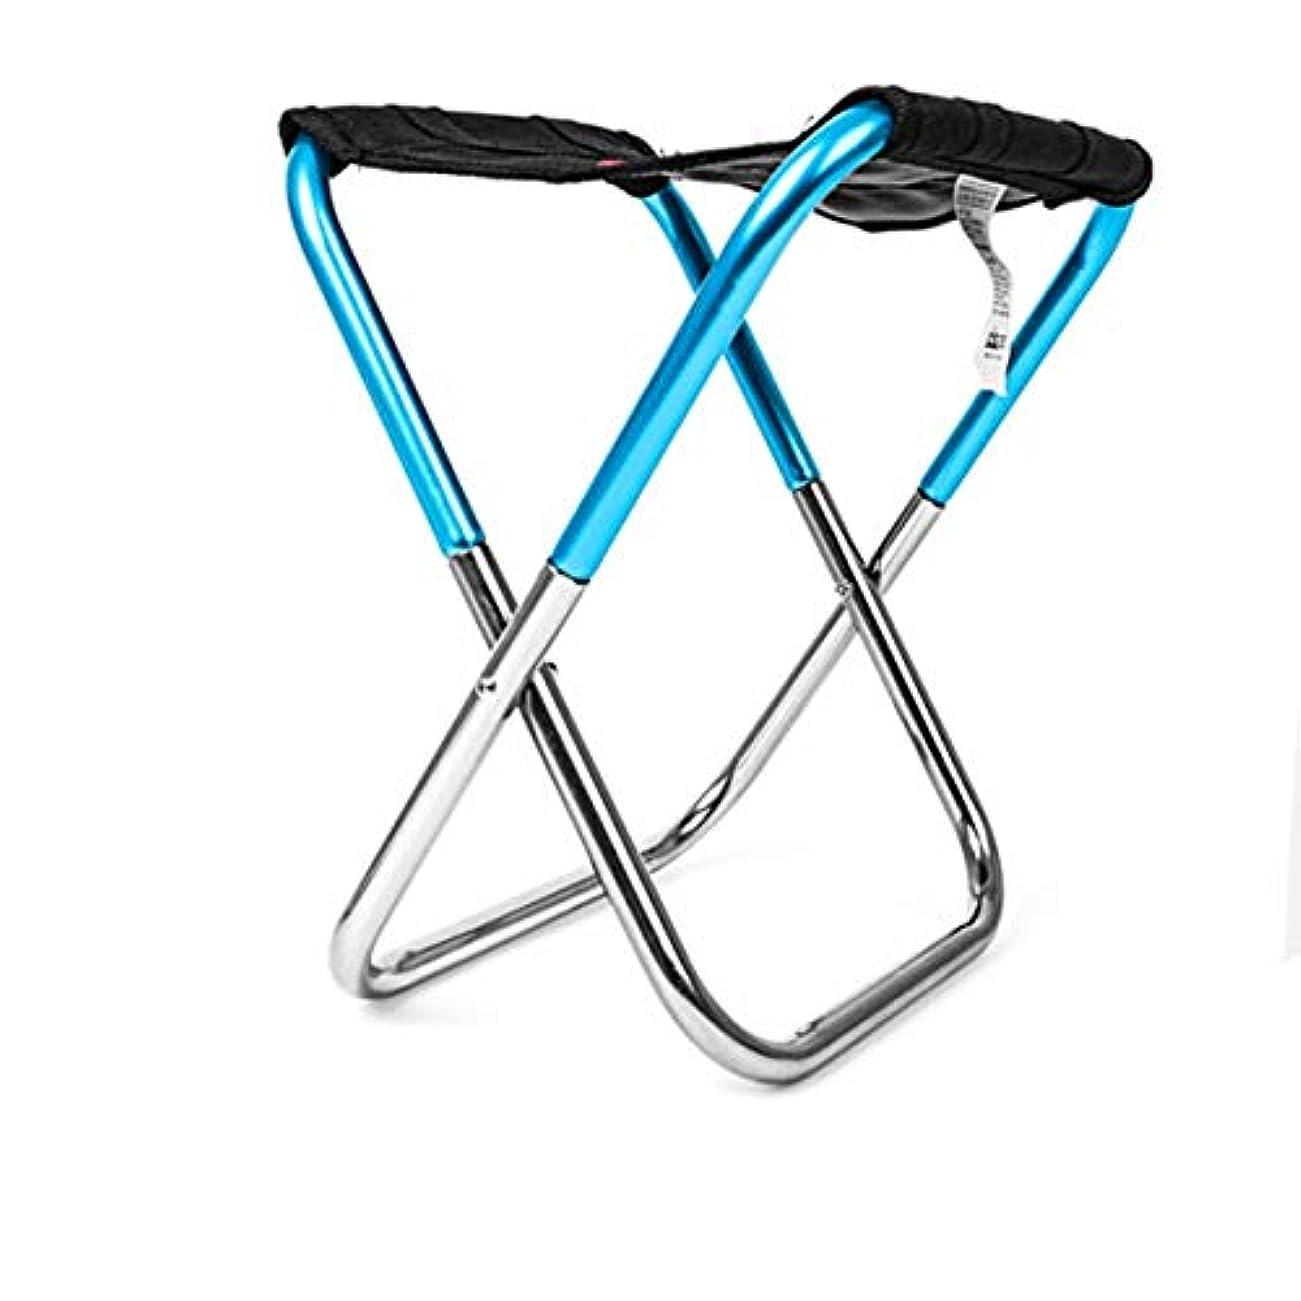 パステル吹雪アラバマ屋外折りたたみシートチェア折りたたみミニスツールポータブルキャンプフィッシングトレインベンチ折りたたみ式並んだスツール-ブルー